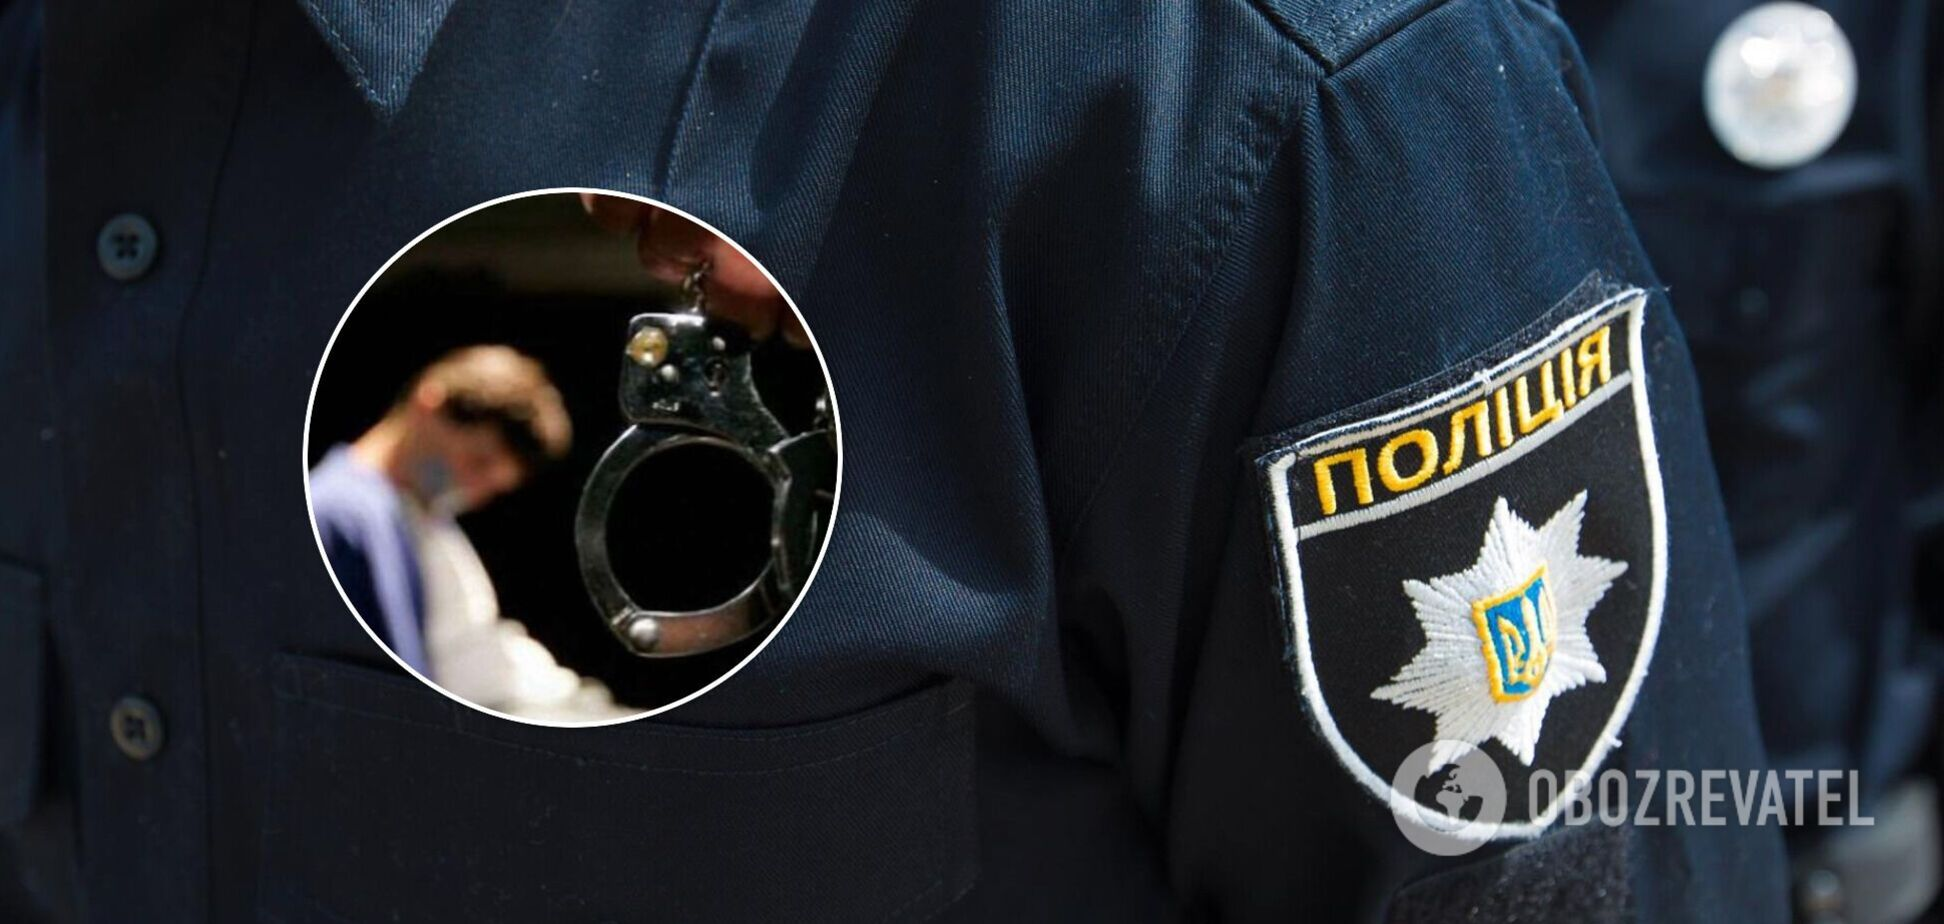 Избиение парней полицейским на Житомирщине: копу объявили подозрение в новых пытках